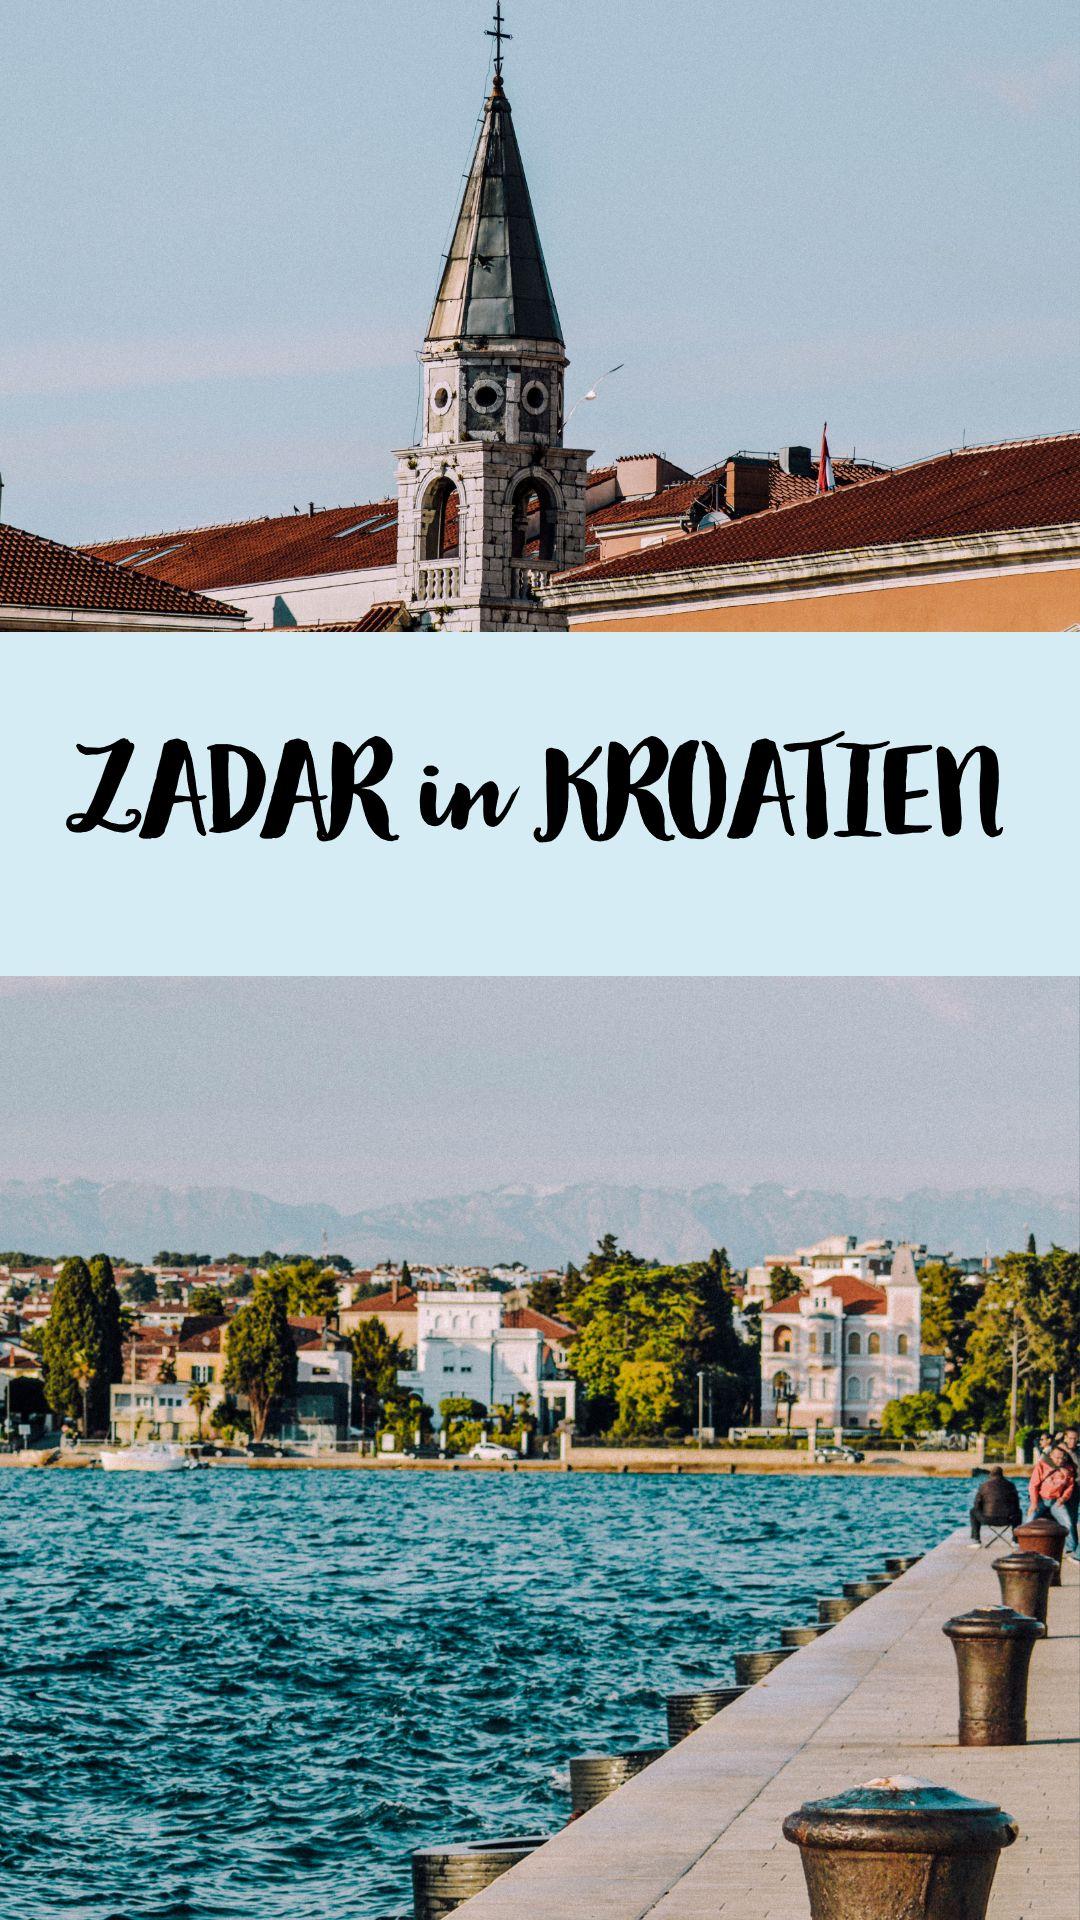 Drei Traumhafte Stadte In Kroatien In 2020 Zadar Kroatien Urlaub In Europa